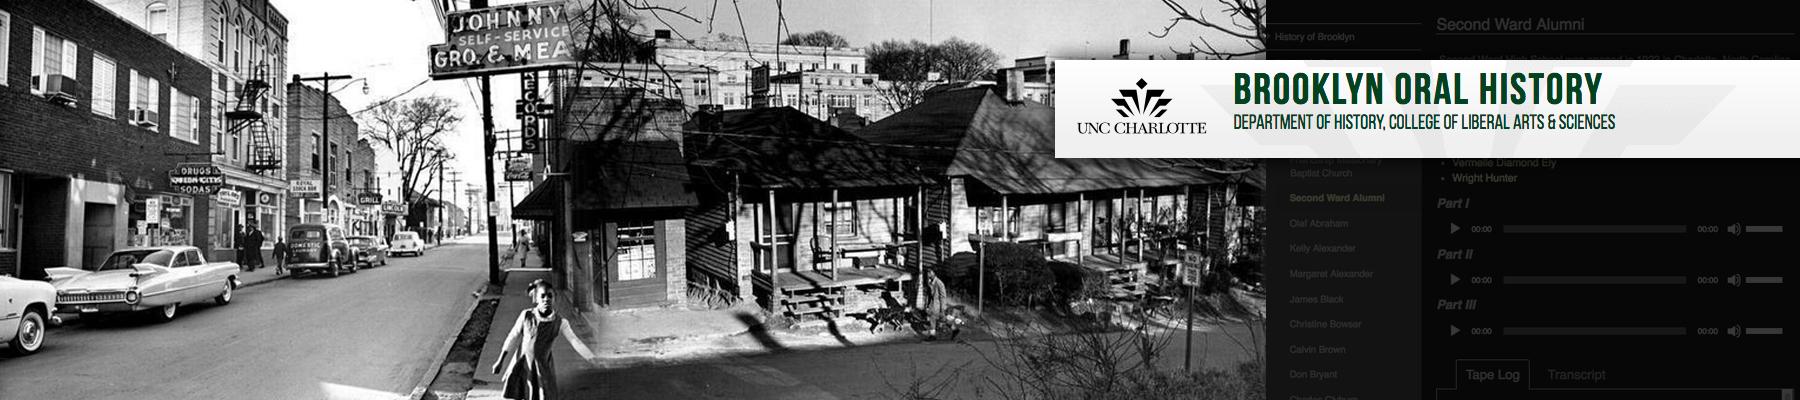 Brooklyn Oral History